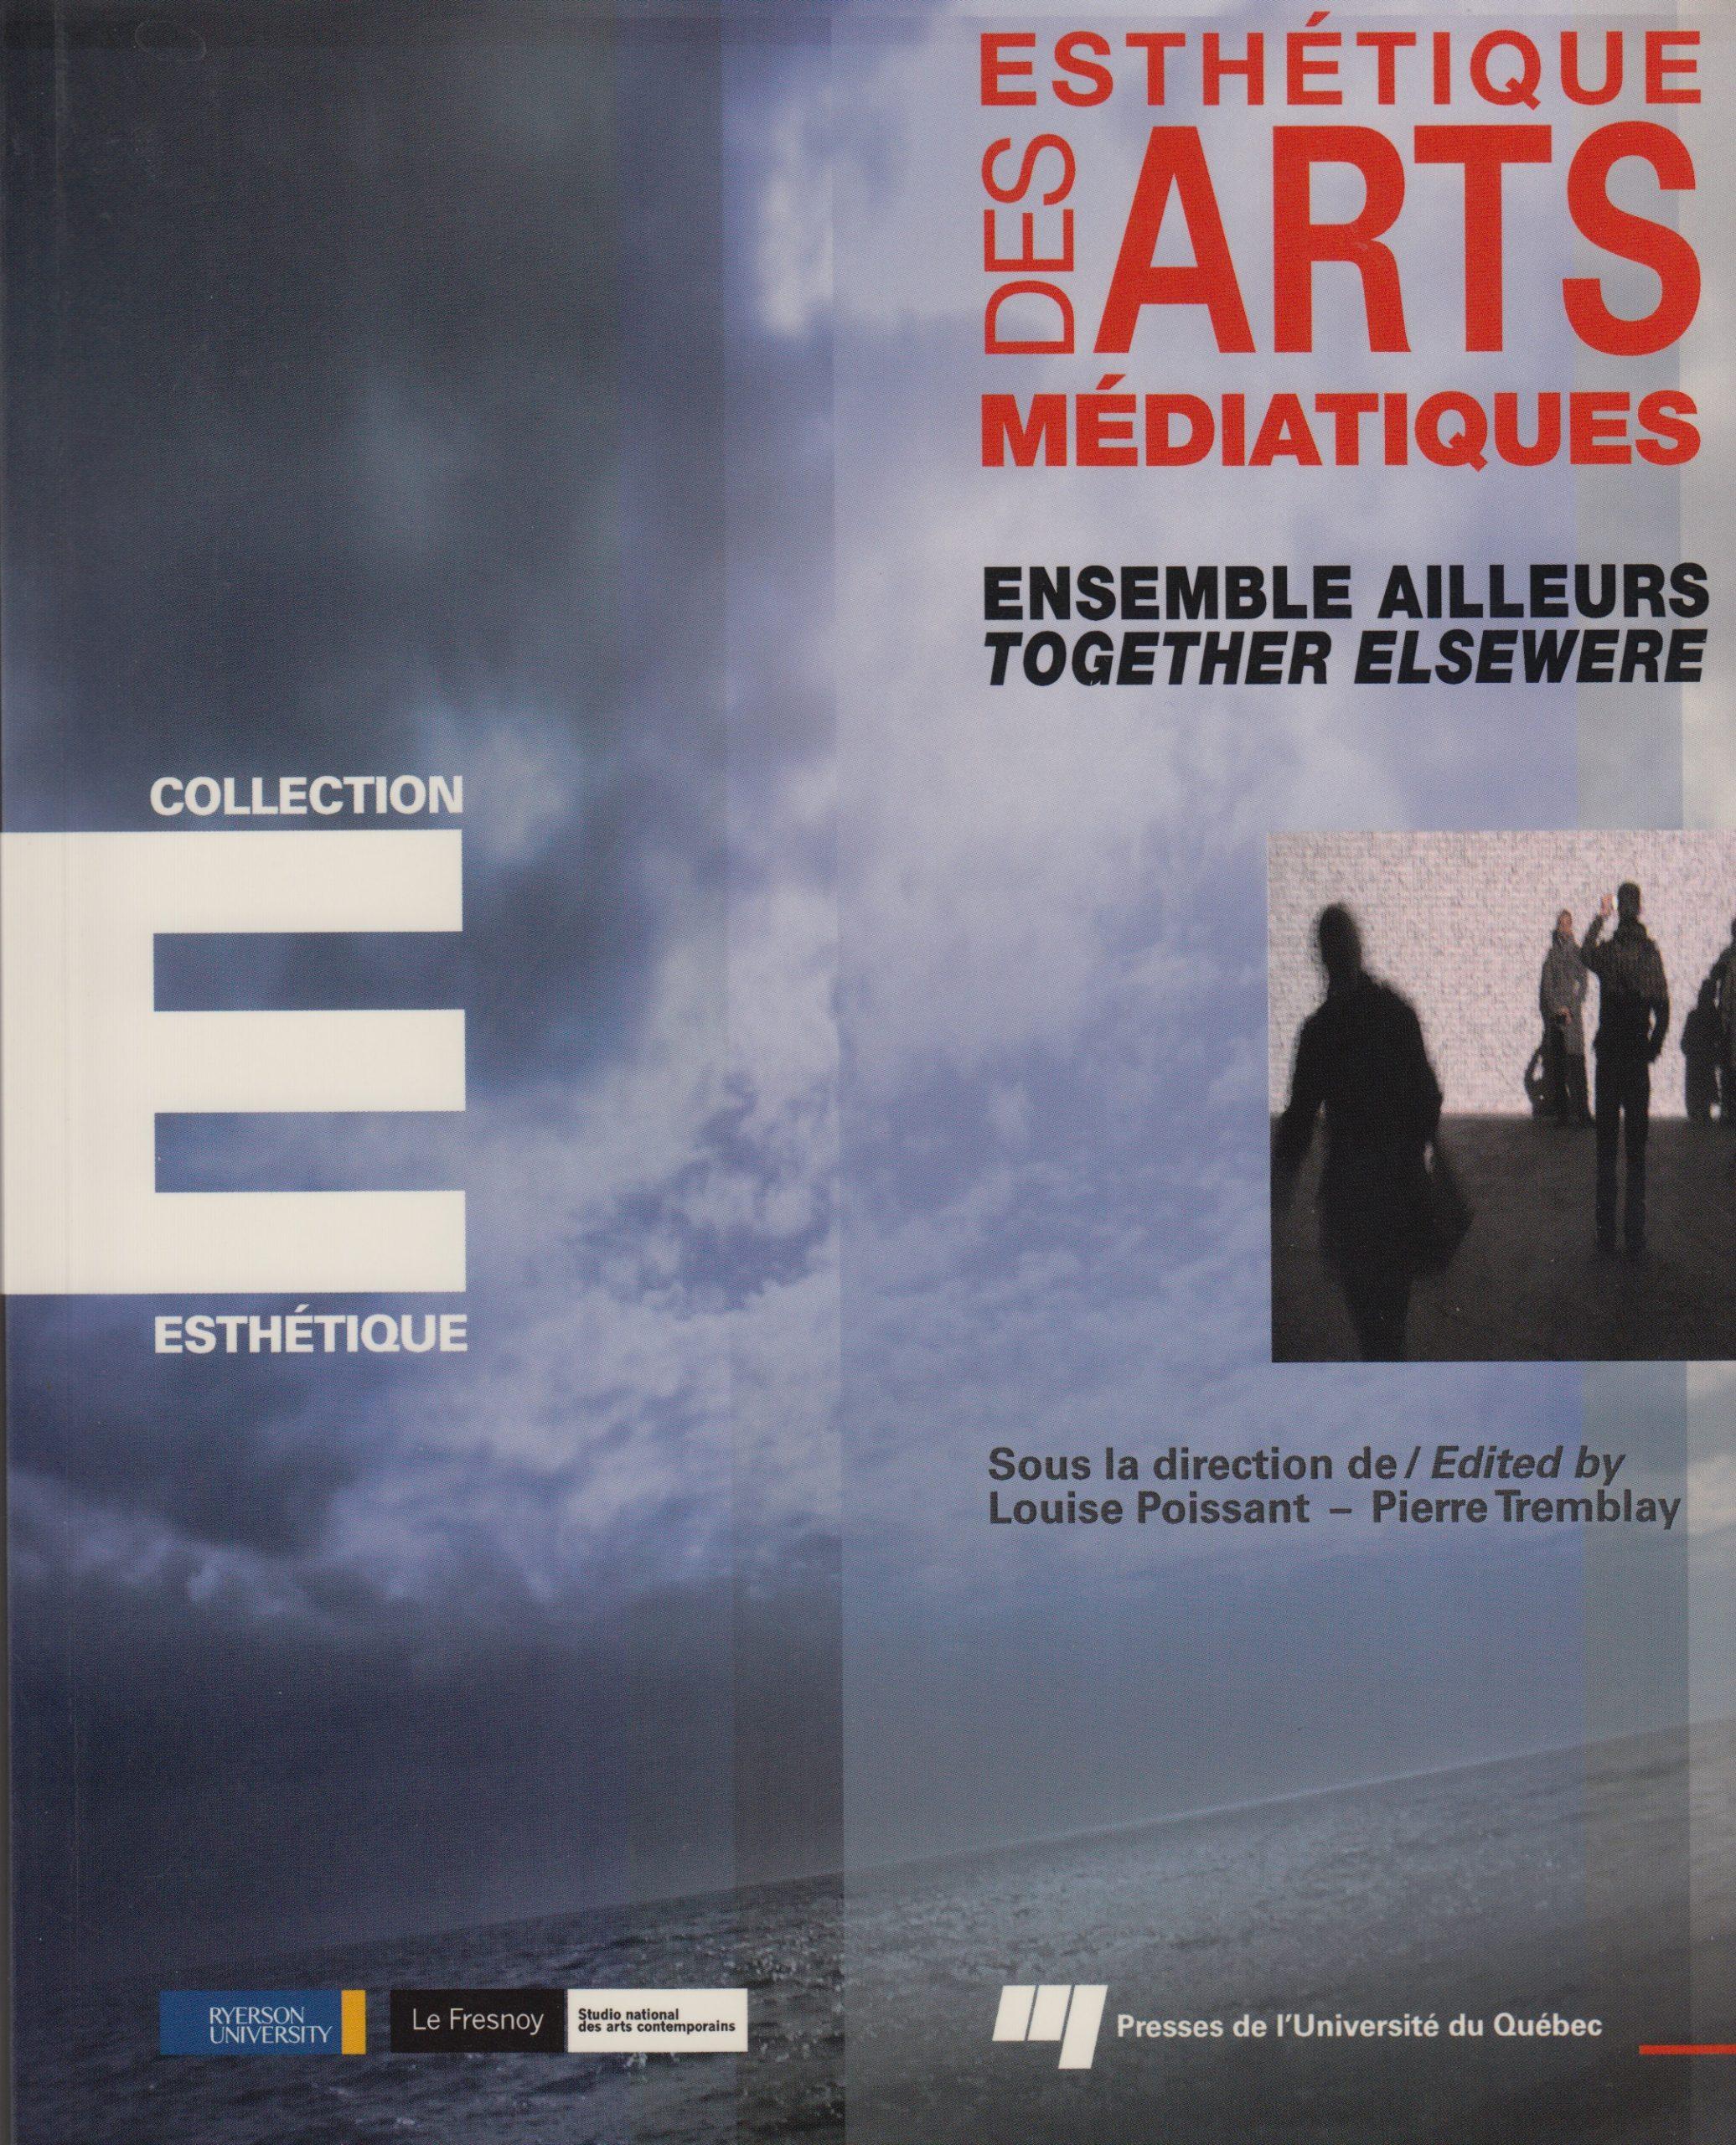 Communauté du présent dans un ailleurs à venir, dans Esthétique des arts médiatiques, Ensemble ailleurs (dir. Louise Poissant), 2010